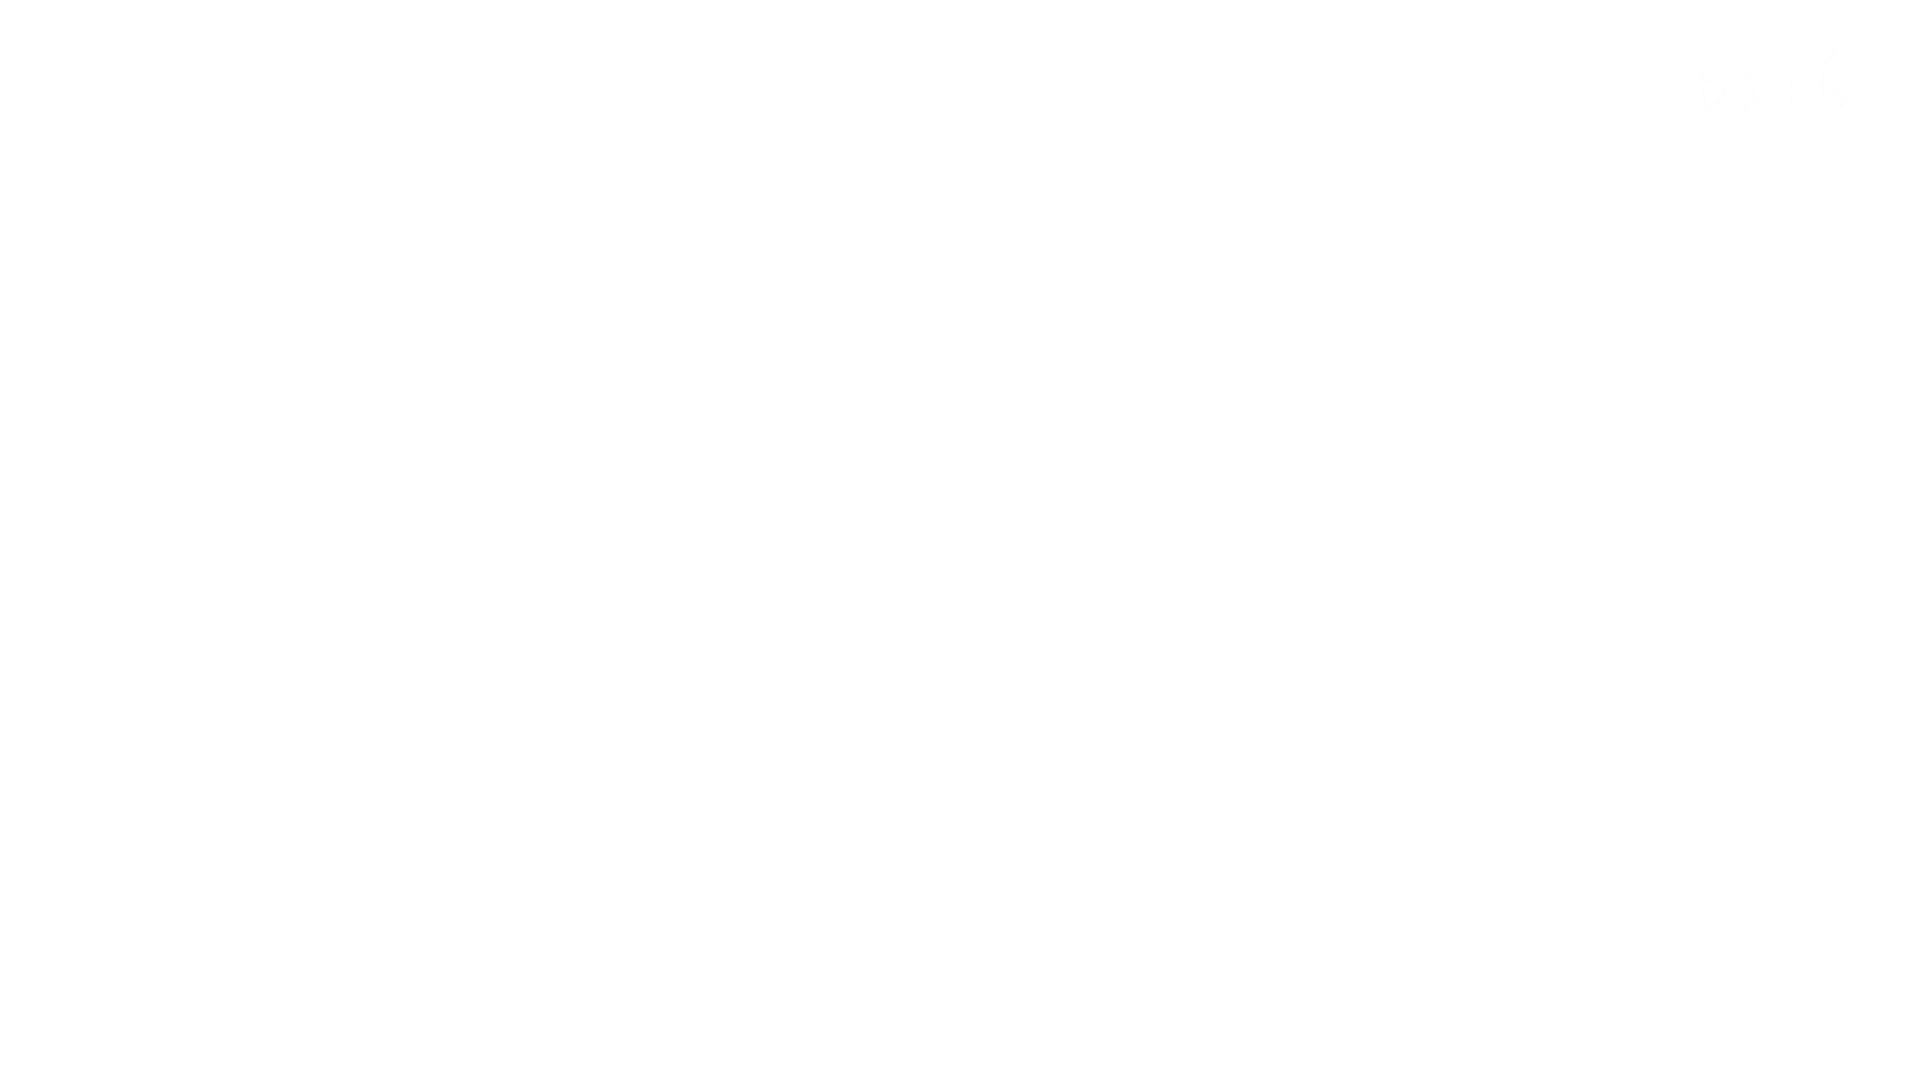 至高下半身盗撮-PREMIUM-【院内病棟編 】 vol.06 エロティックなOL | 盗撮特集  107画像 17